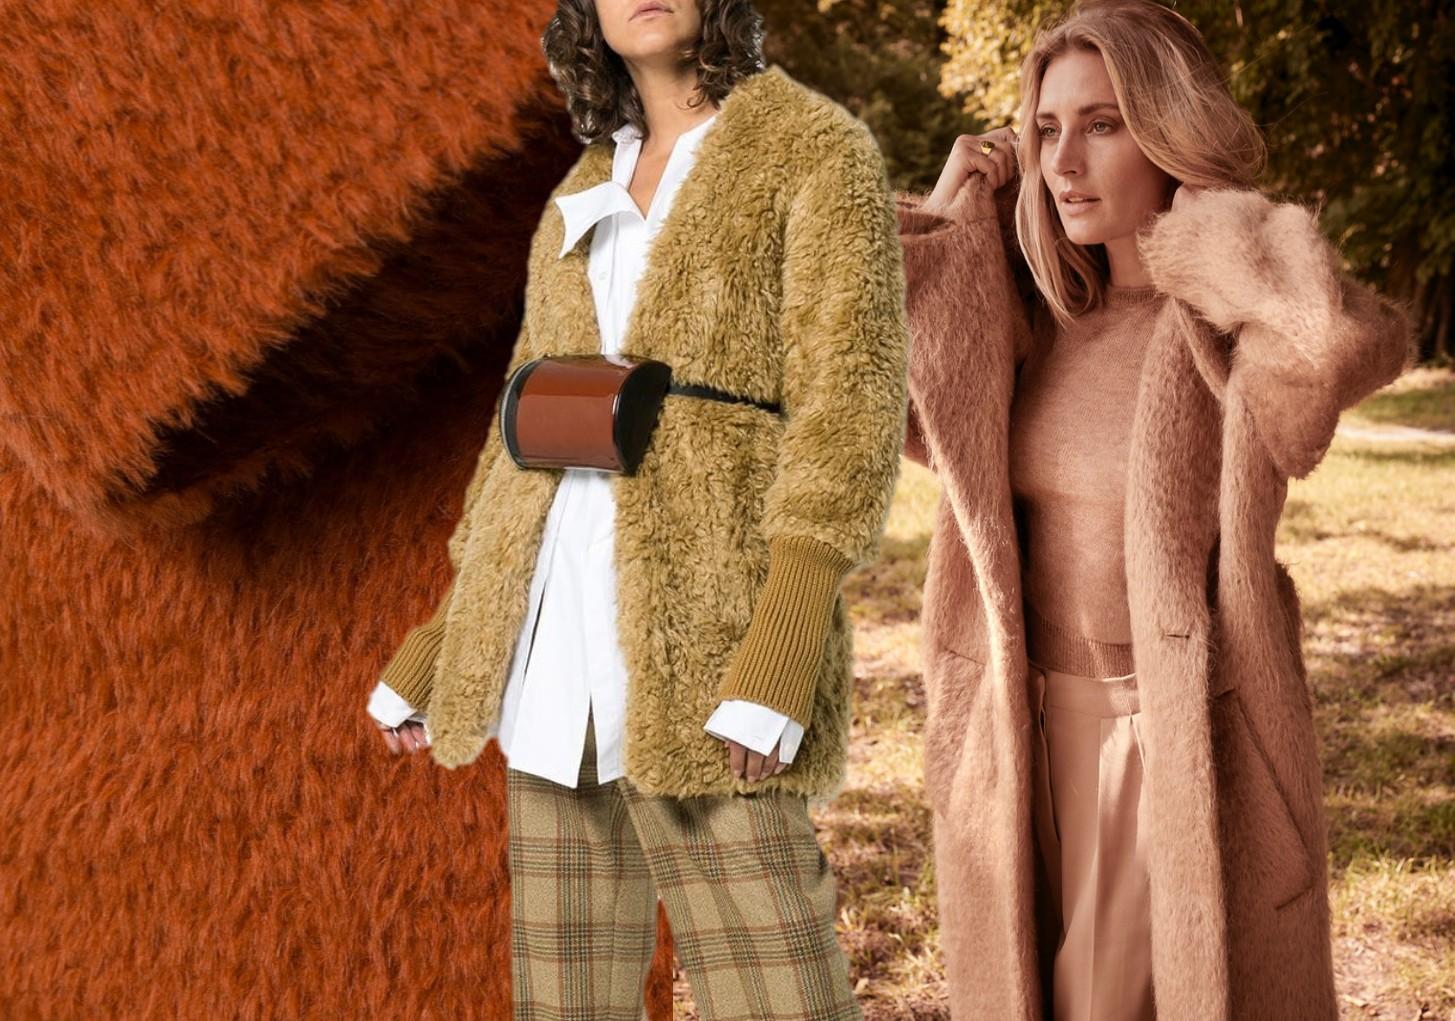 綜述 盤點冬季的面料,毛呢面料是常規不錯的選擇。但是今年的大衣在選材上出現了不少新的變化,阿爾巴卡以其柔軟,輕便,保暖性強,成為首選!燈芯絨,精紡格紋毛料,泰迪絨,短絨繡花都是今年的大熱材質!